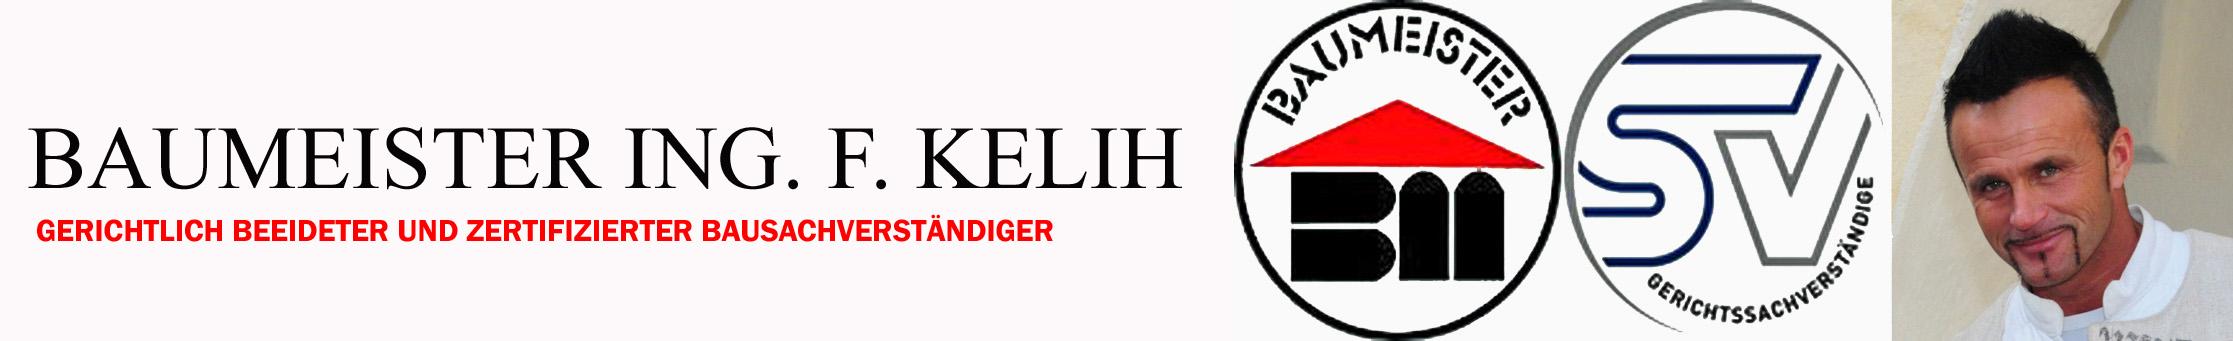 Baumeister Ing. F. Kelih Gerichtlich beeideter und zertifizierter Bausachverständiger